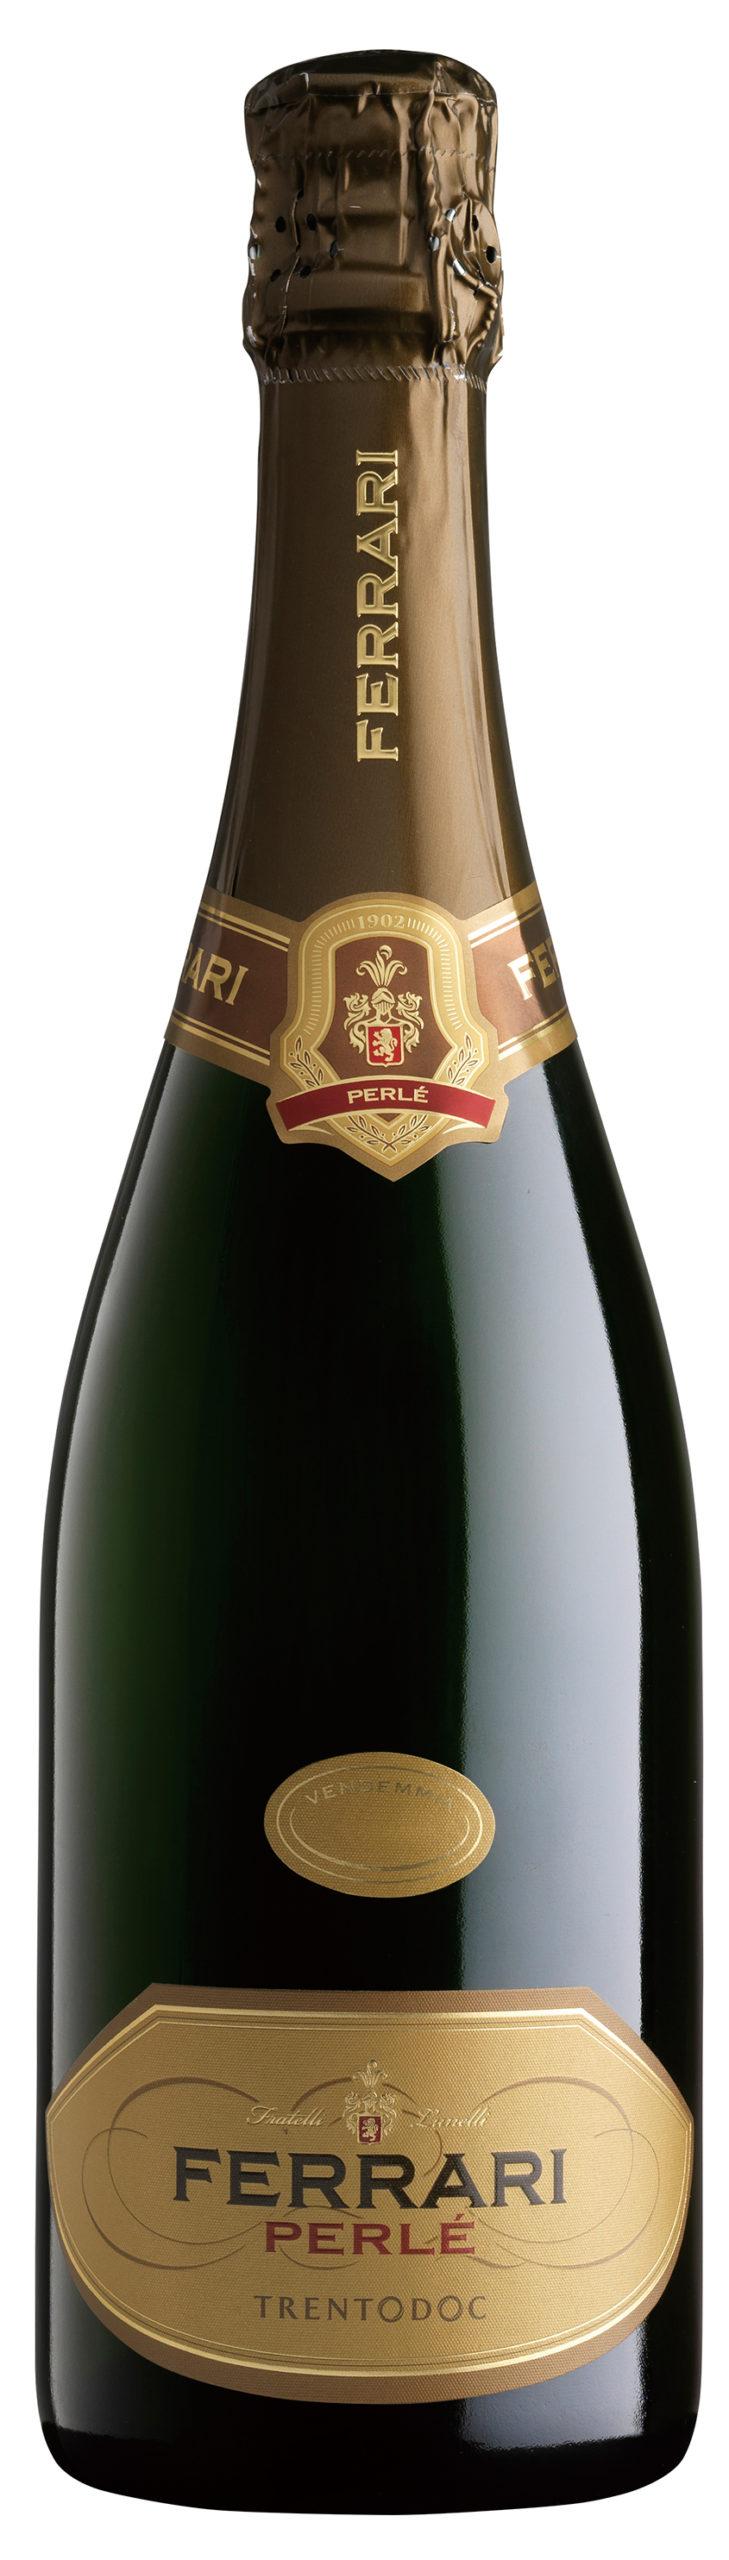 フェッラーリ・ペルレ・ミレジム 1500ml